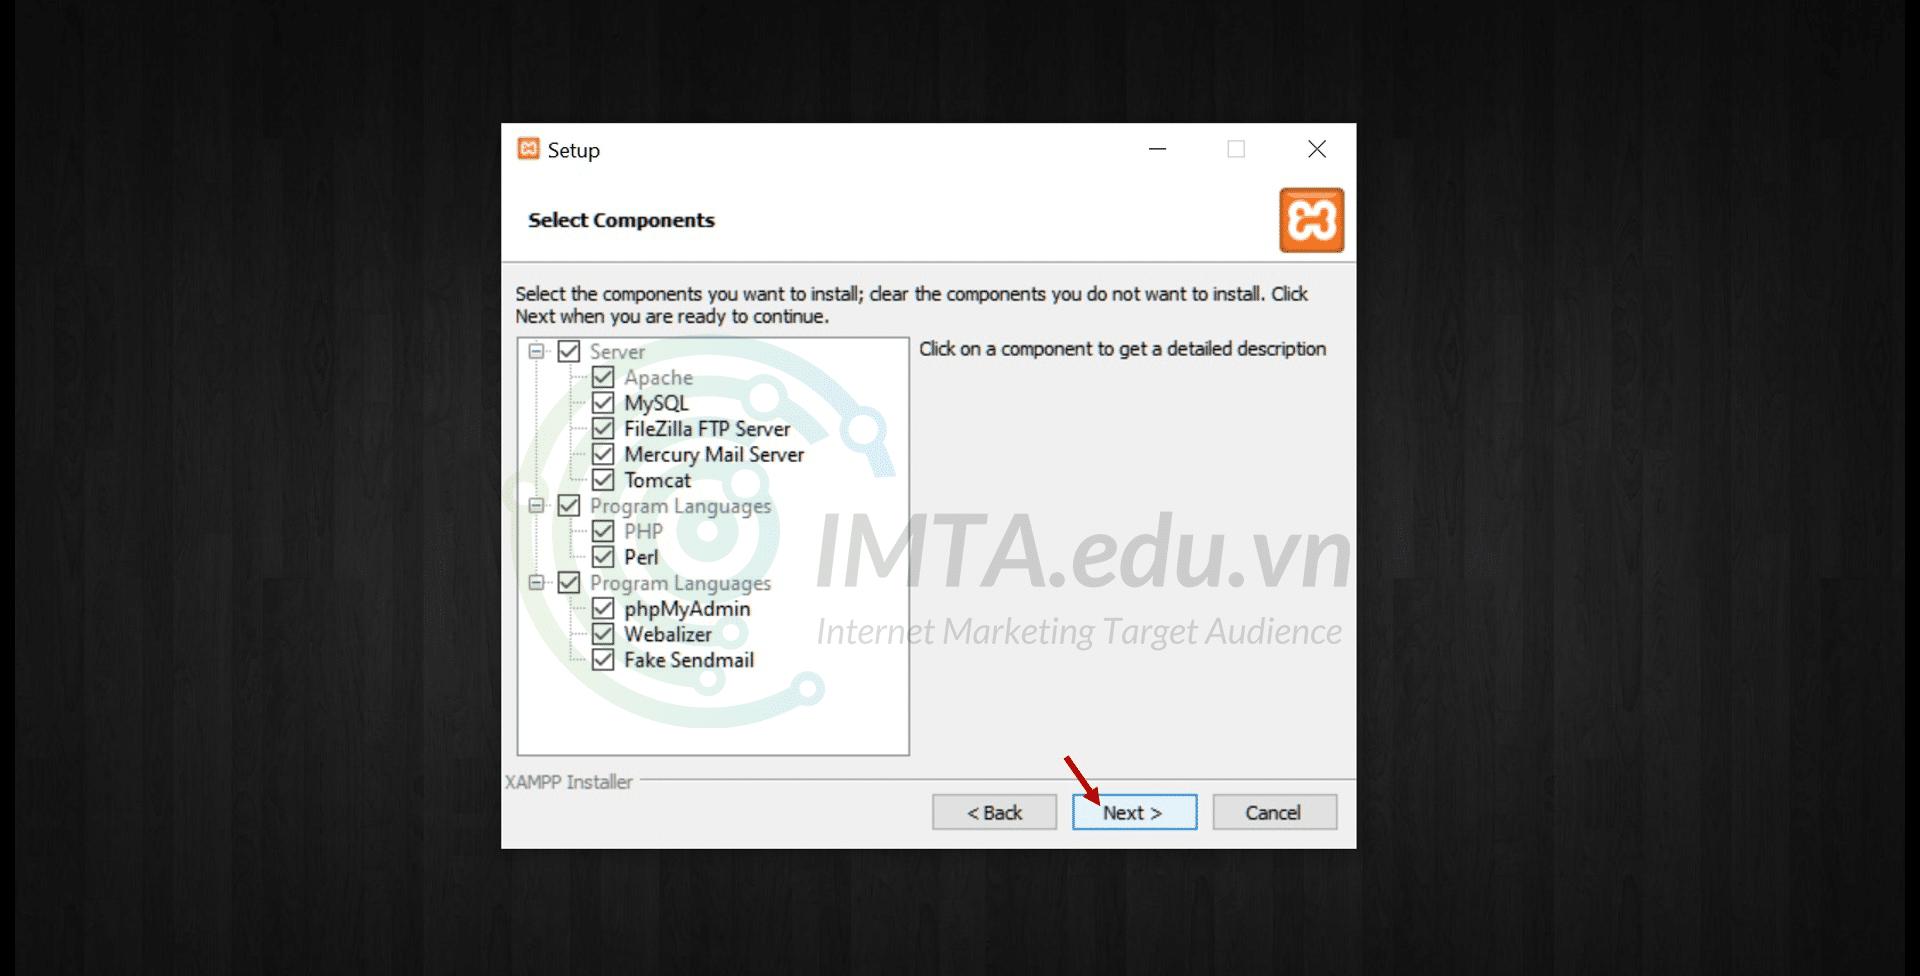 Khung lựa chọn các module thành phần cần cài